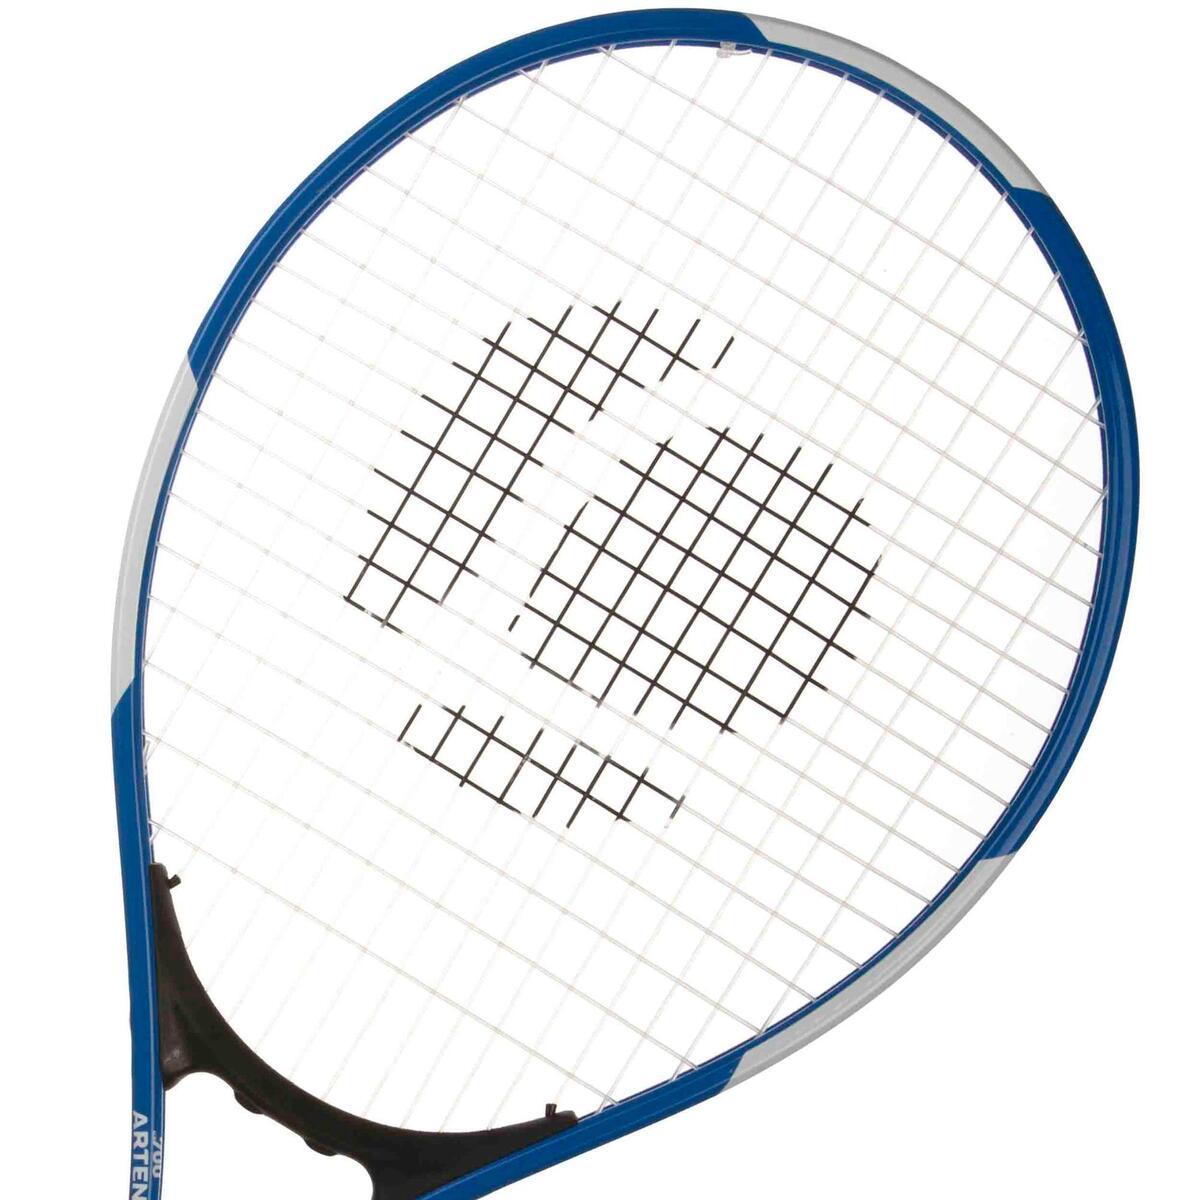 Bild 2 von Tennisschläger TR100 Kinder 21 besaitet blau